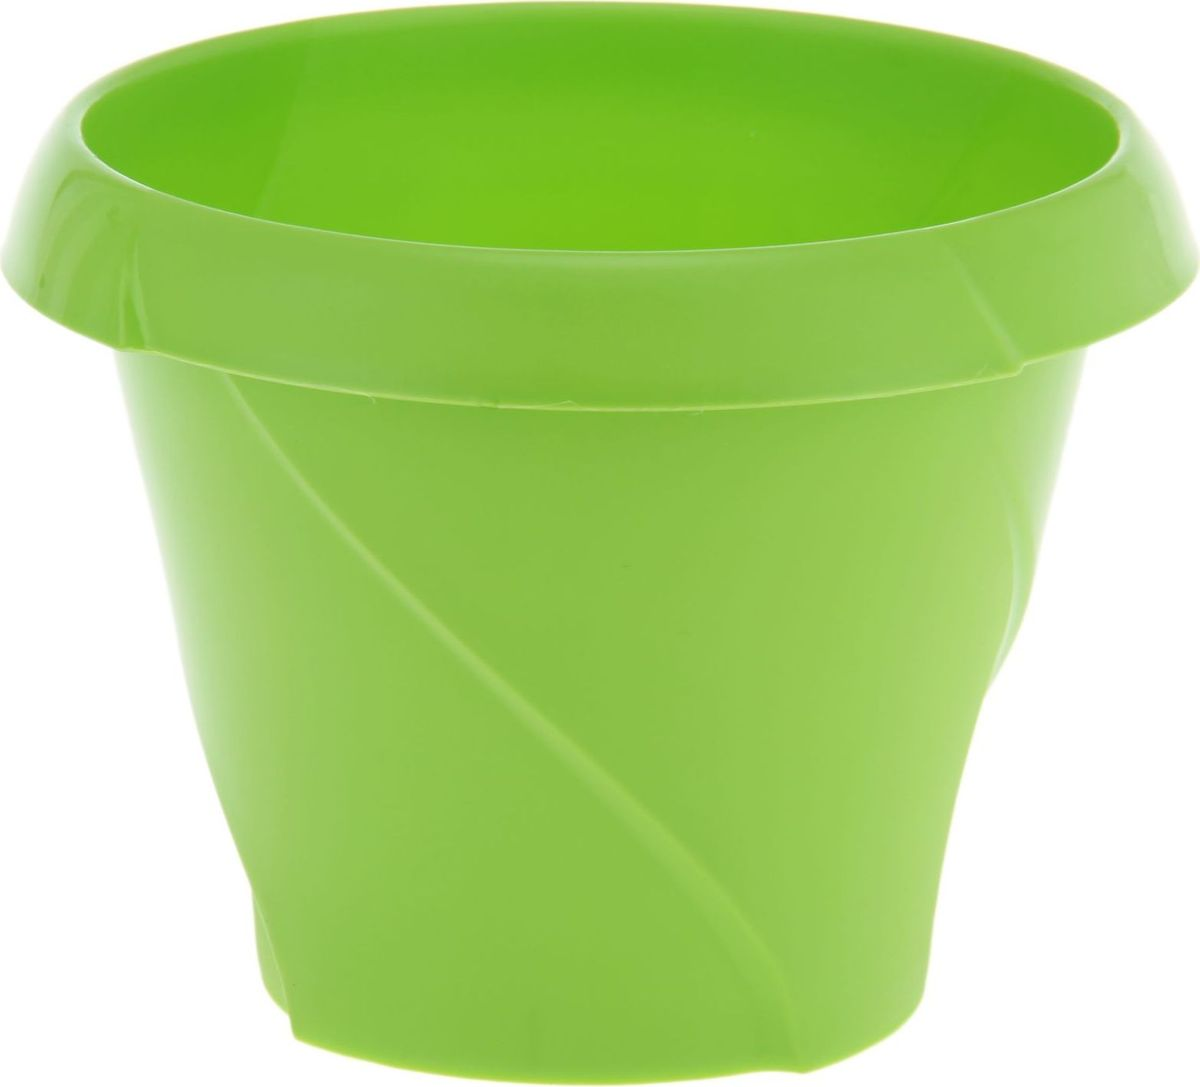 Кашпо Martika Флориана, цвет: салатовый, 1,4 л531-105Любой, даже самый современный и продуманный интерьер будет не завершённым без растений. Они не только очищают воздух и насыщают его кислородом, но и заметно украшают окружающее пространство. Такому полезному члену семьи просто необходимо красивое и функциональное кашпо, оригинальный горшок или необычная ваза! Мы предлагаем - Кашпо 1,4 л Флориана, d=17 см, цвет салатовый! Оптимальный выбор материала пластмасса! Почему мы так считаем? -Малый вес. С лёгкостью переносите горшки и кашпо с места на место, ставьте их на столики или полки, подвешивайте под потолок, не беспокоясь о нагрузке. -Простота ухода. Пластиковые изделия не нуждаются в специальных условиях хранения. Их легко чистить достаточно просто сполоснуть тёплой водой. -Никаких царапин. Пластиковые кашпо не царапают и не загрязняют поверхности, на которых стоят. -Пластик дольше хранит влагу, а значит растение реже нуждается в поливе. -Пластмасса не пропускает воздух корневой системе растения не грозят резкие перепады температур. -Огромный выбор форм, декора и расцветок вы без труда подберёте что-то, что идеально впишется в уже существующий интерьер. Соблюдая нехитрые правила ухода, вы можете заметно продлить срок службы горшков, вазонов и кашпо из пластика: -всегда учитывайте размер кроны и корневой системы растения (при разрастании большое растение способно повредить маленький горшок)-берегите изделие от воздействия прямых солнечных лучей, чтобы кашпо и горшки не выцветали-держите кашпо и горшки из пластика подальше от нагревающихся поверхностей. Создавайте прекрасные цветочные композиции, выращивайте рассаду или необычные растения, а низкие цены позволят вам не ограничивать себя в выборе.